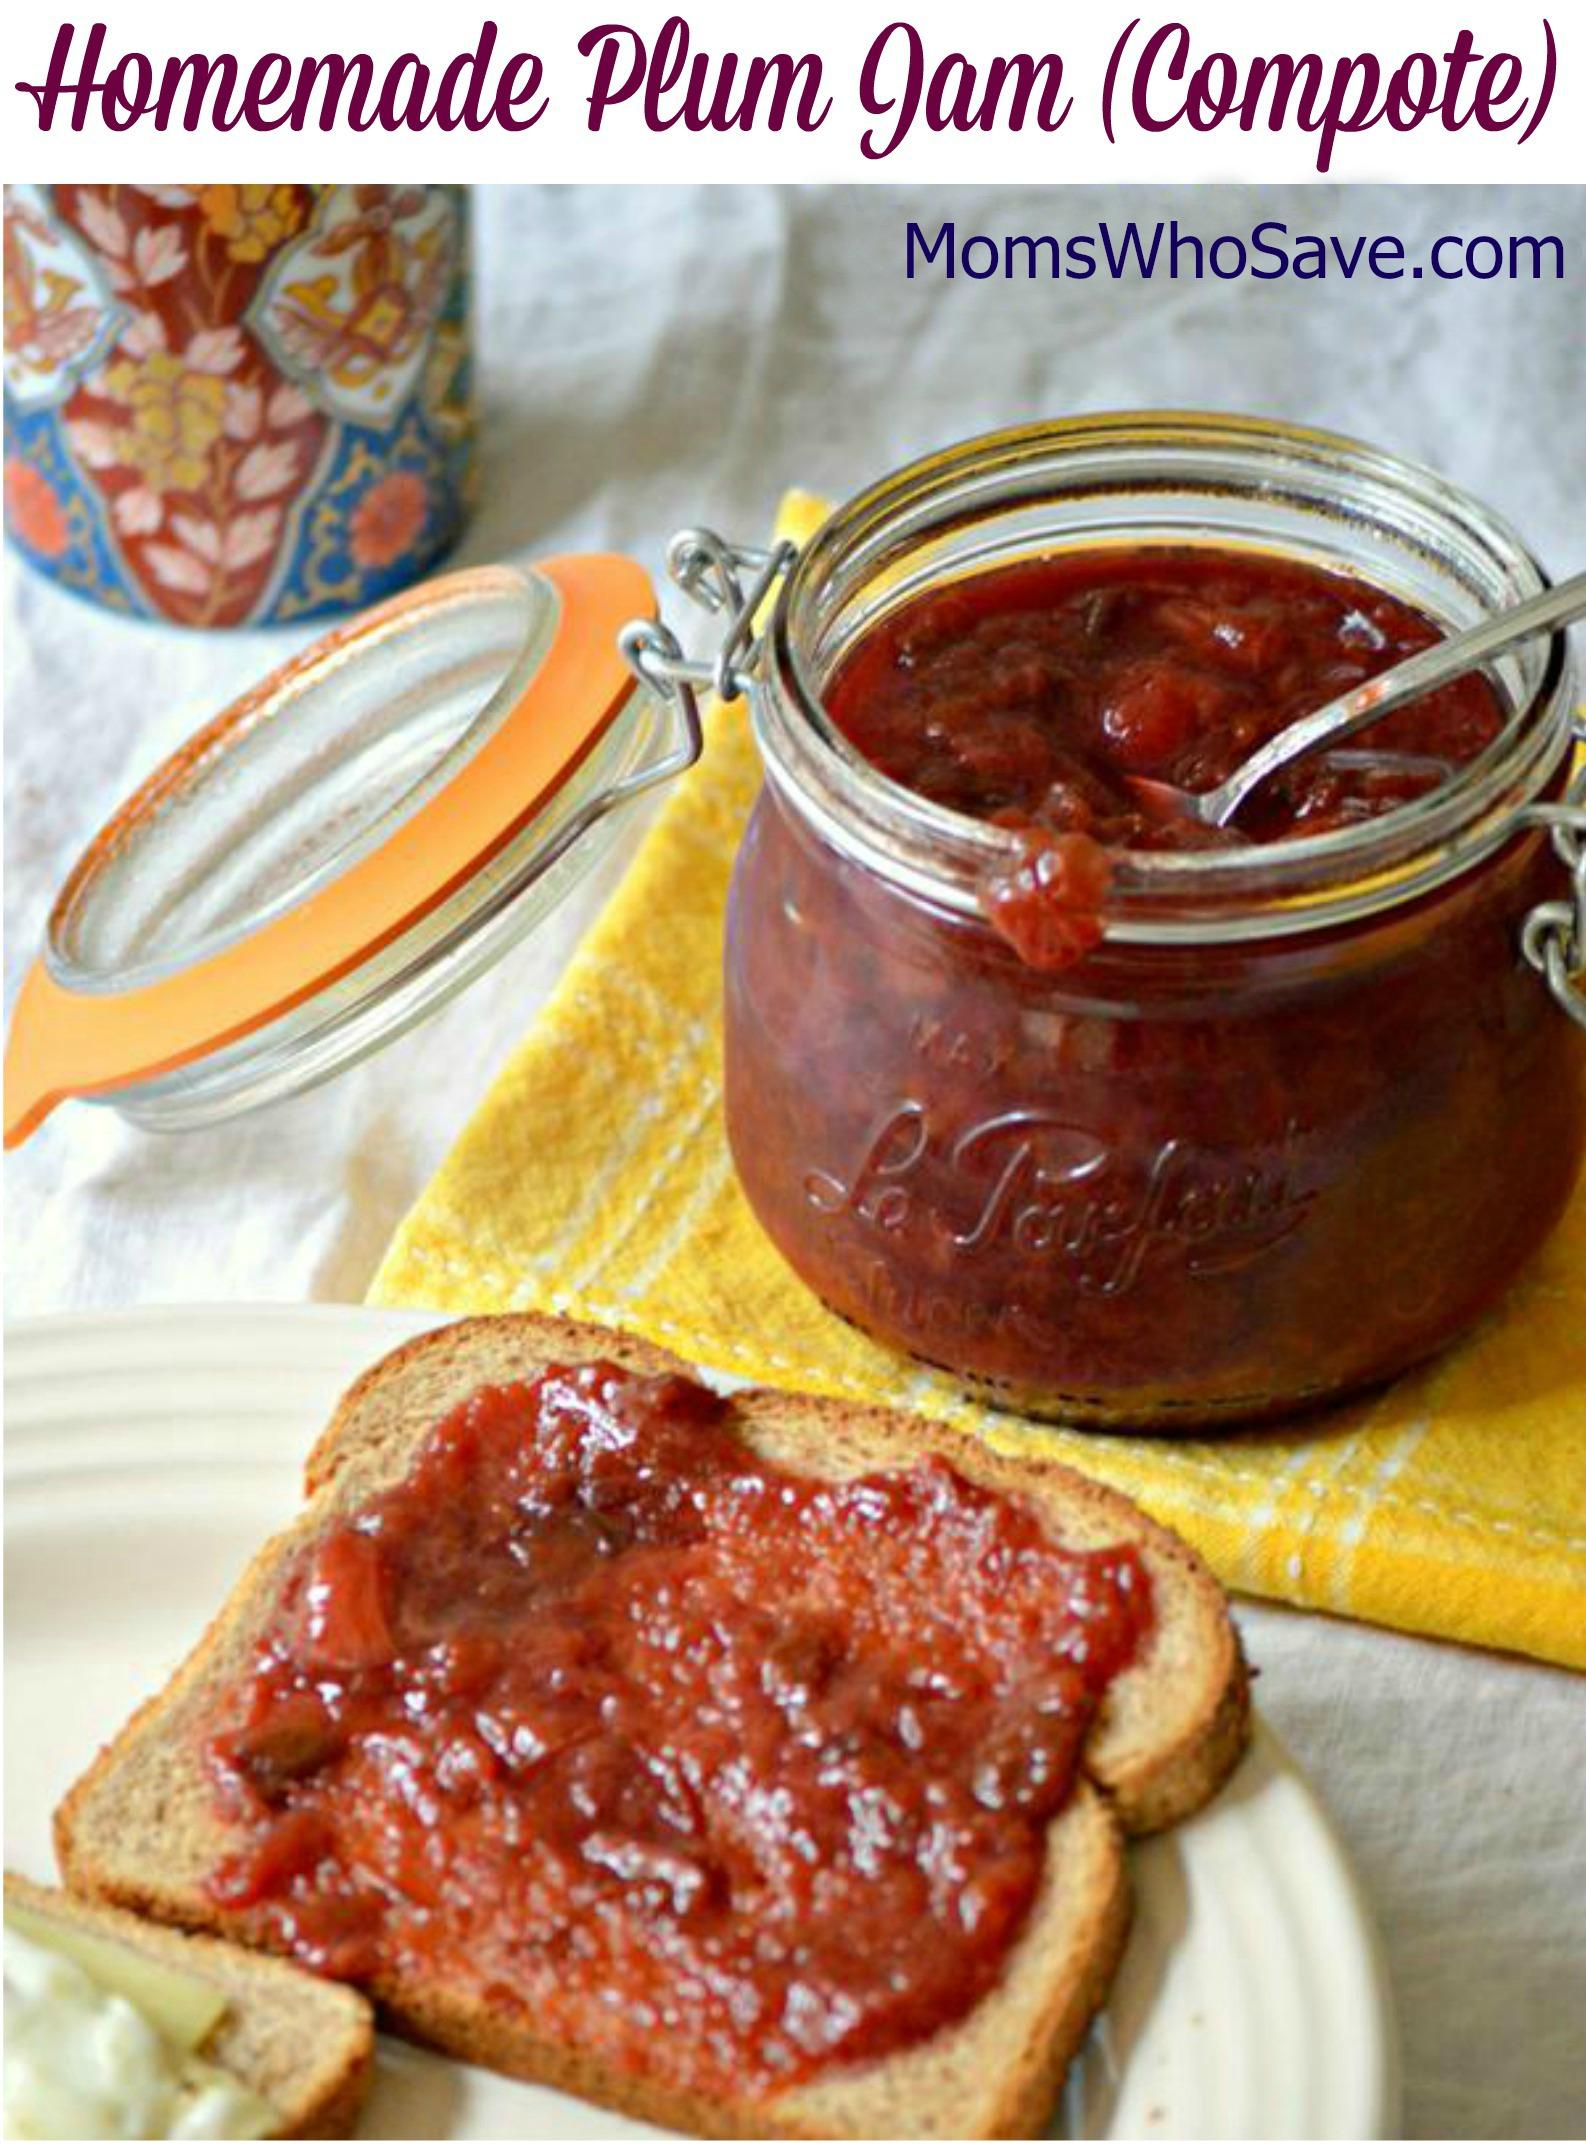 Homemade Plum Jam (Compote) Recipe